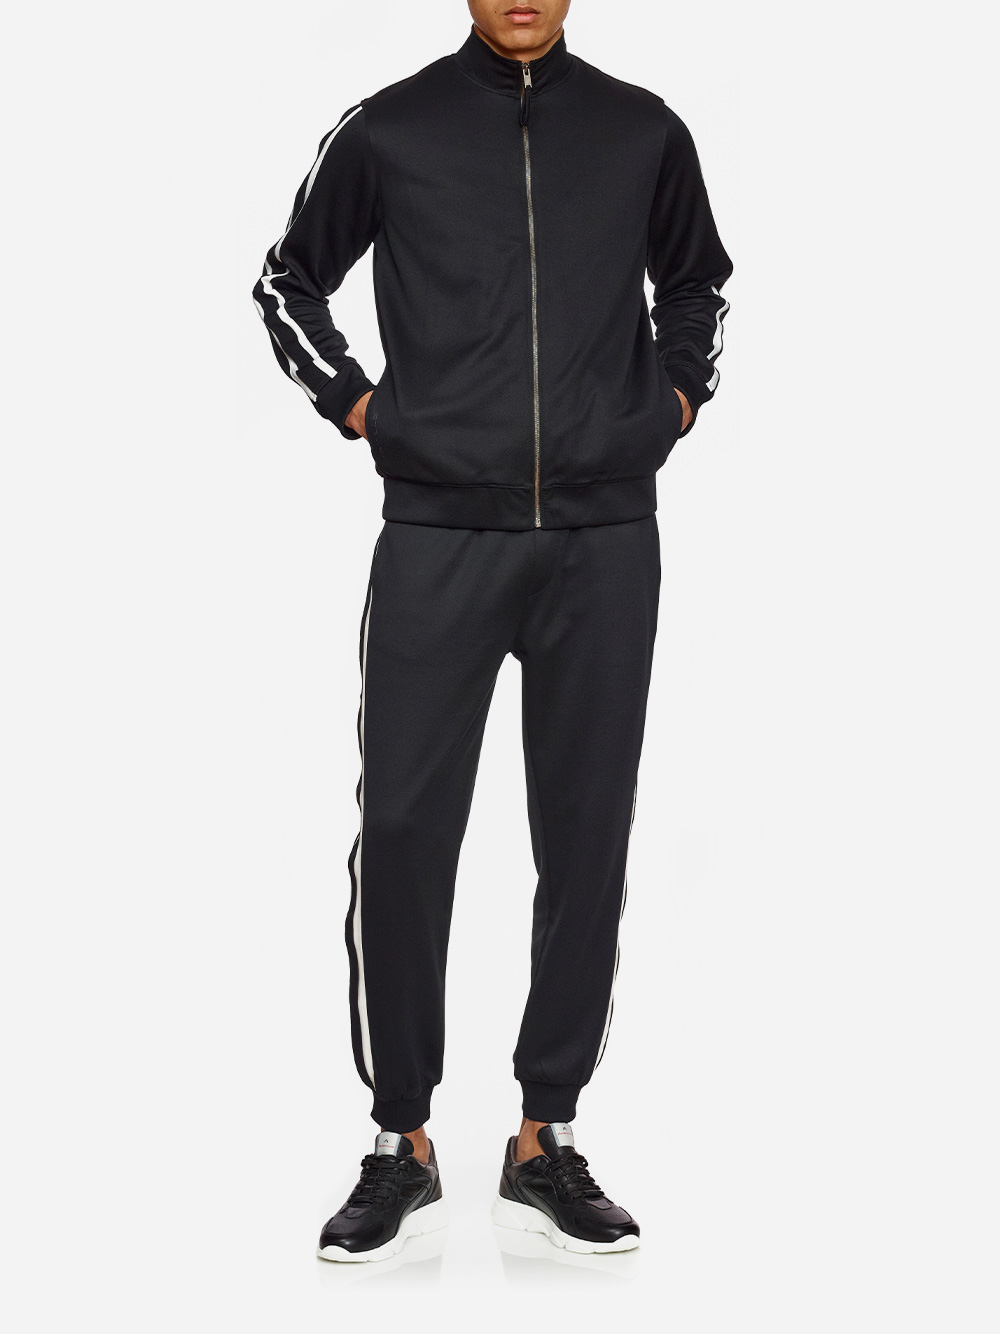 Black Track Suit Pants